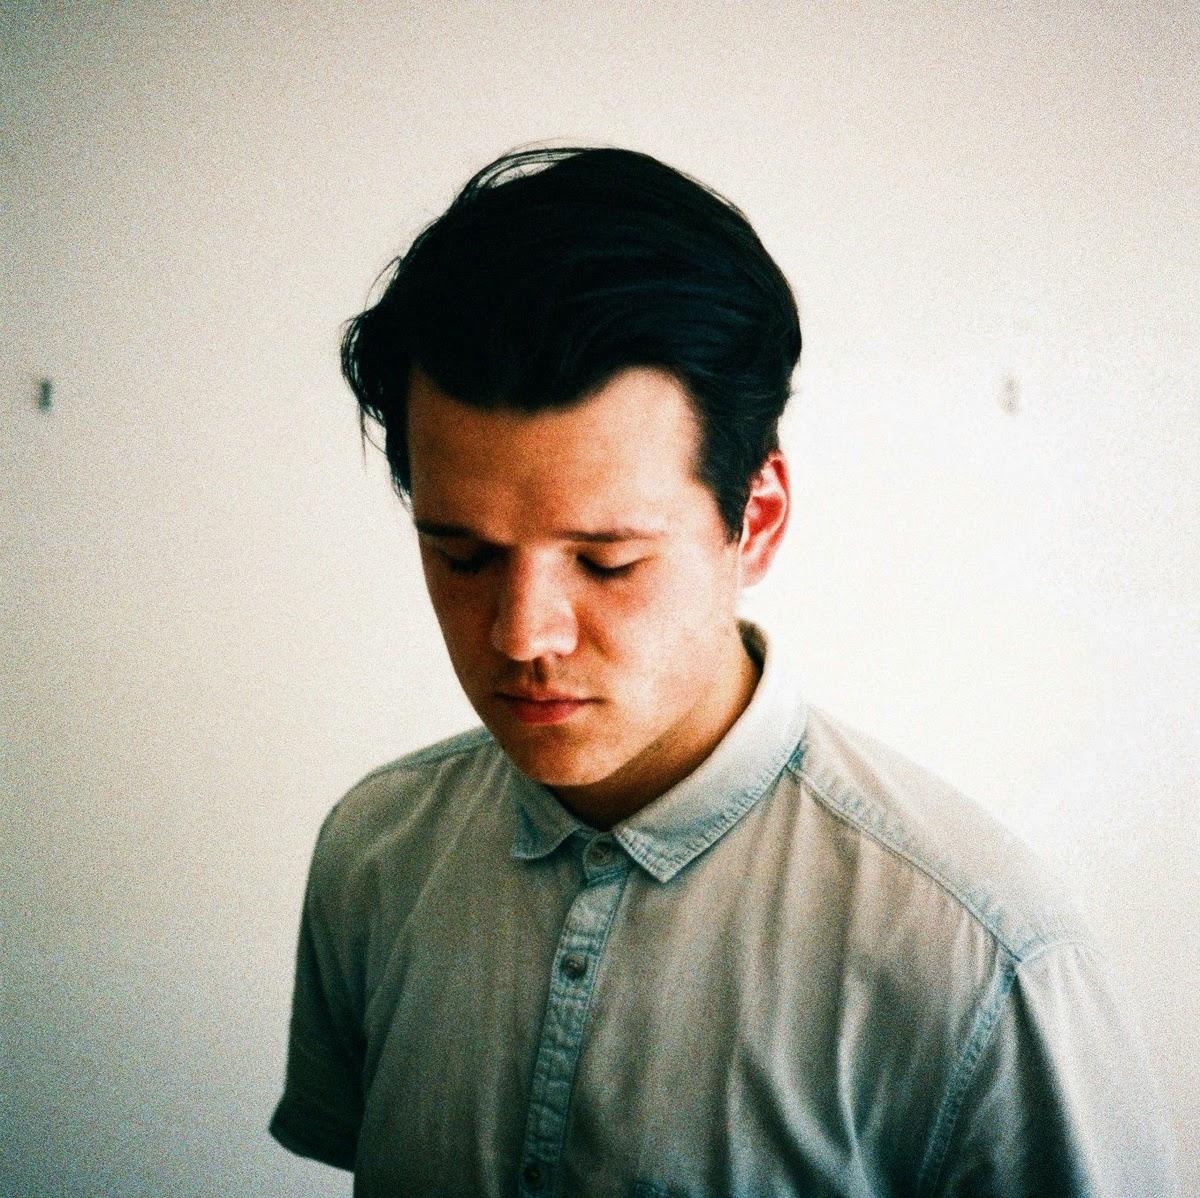 Andrew Lovgren